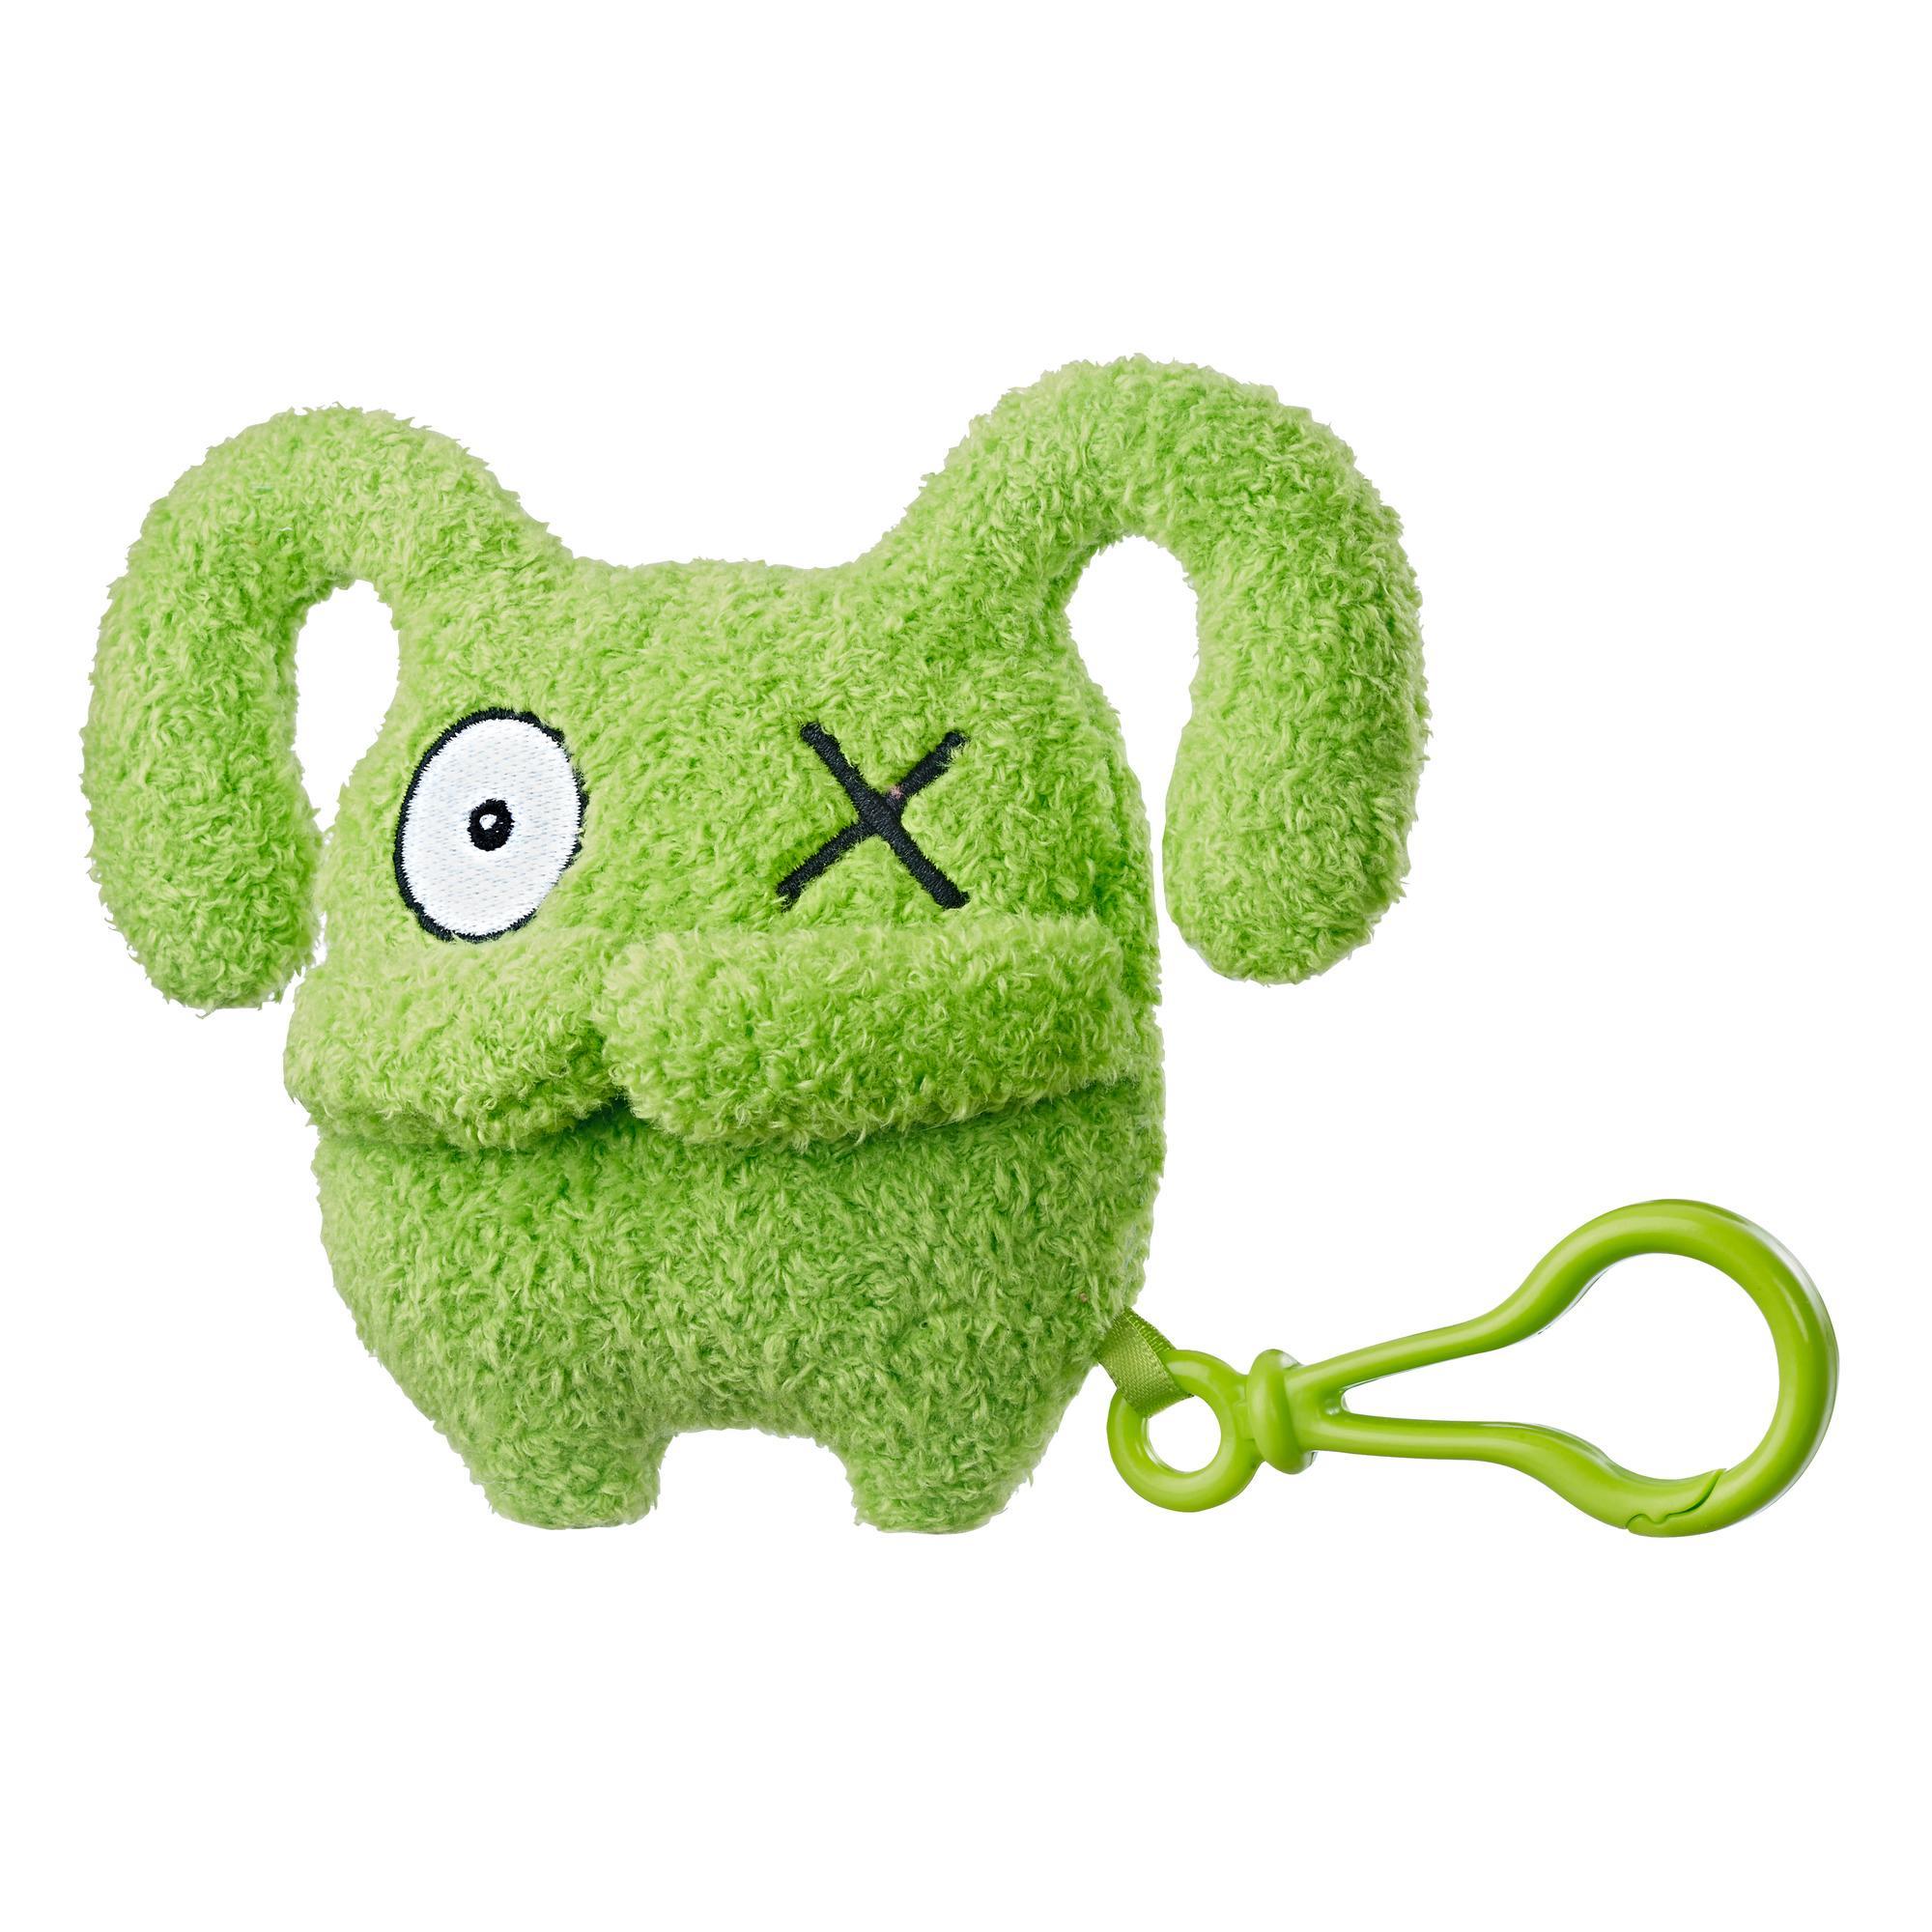 UglyDolls OX To-Go Stuffed Plush Toy, 12,5 cm. tall